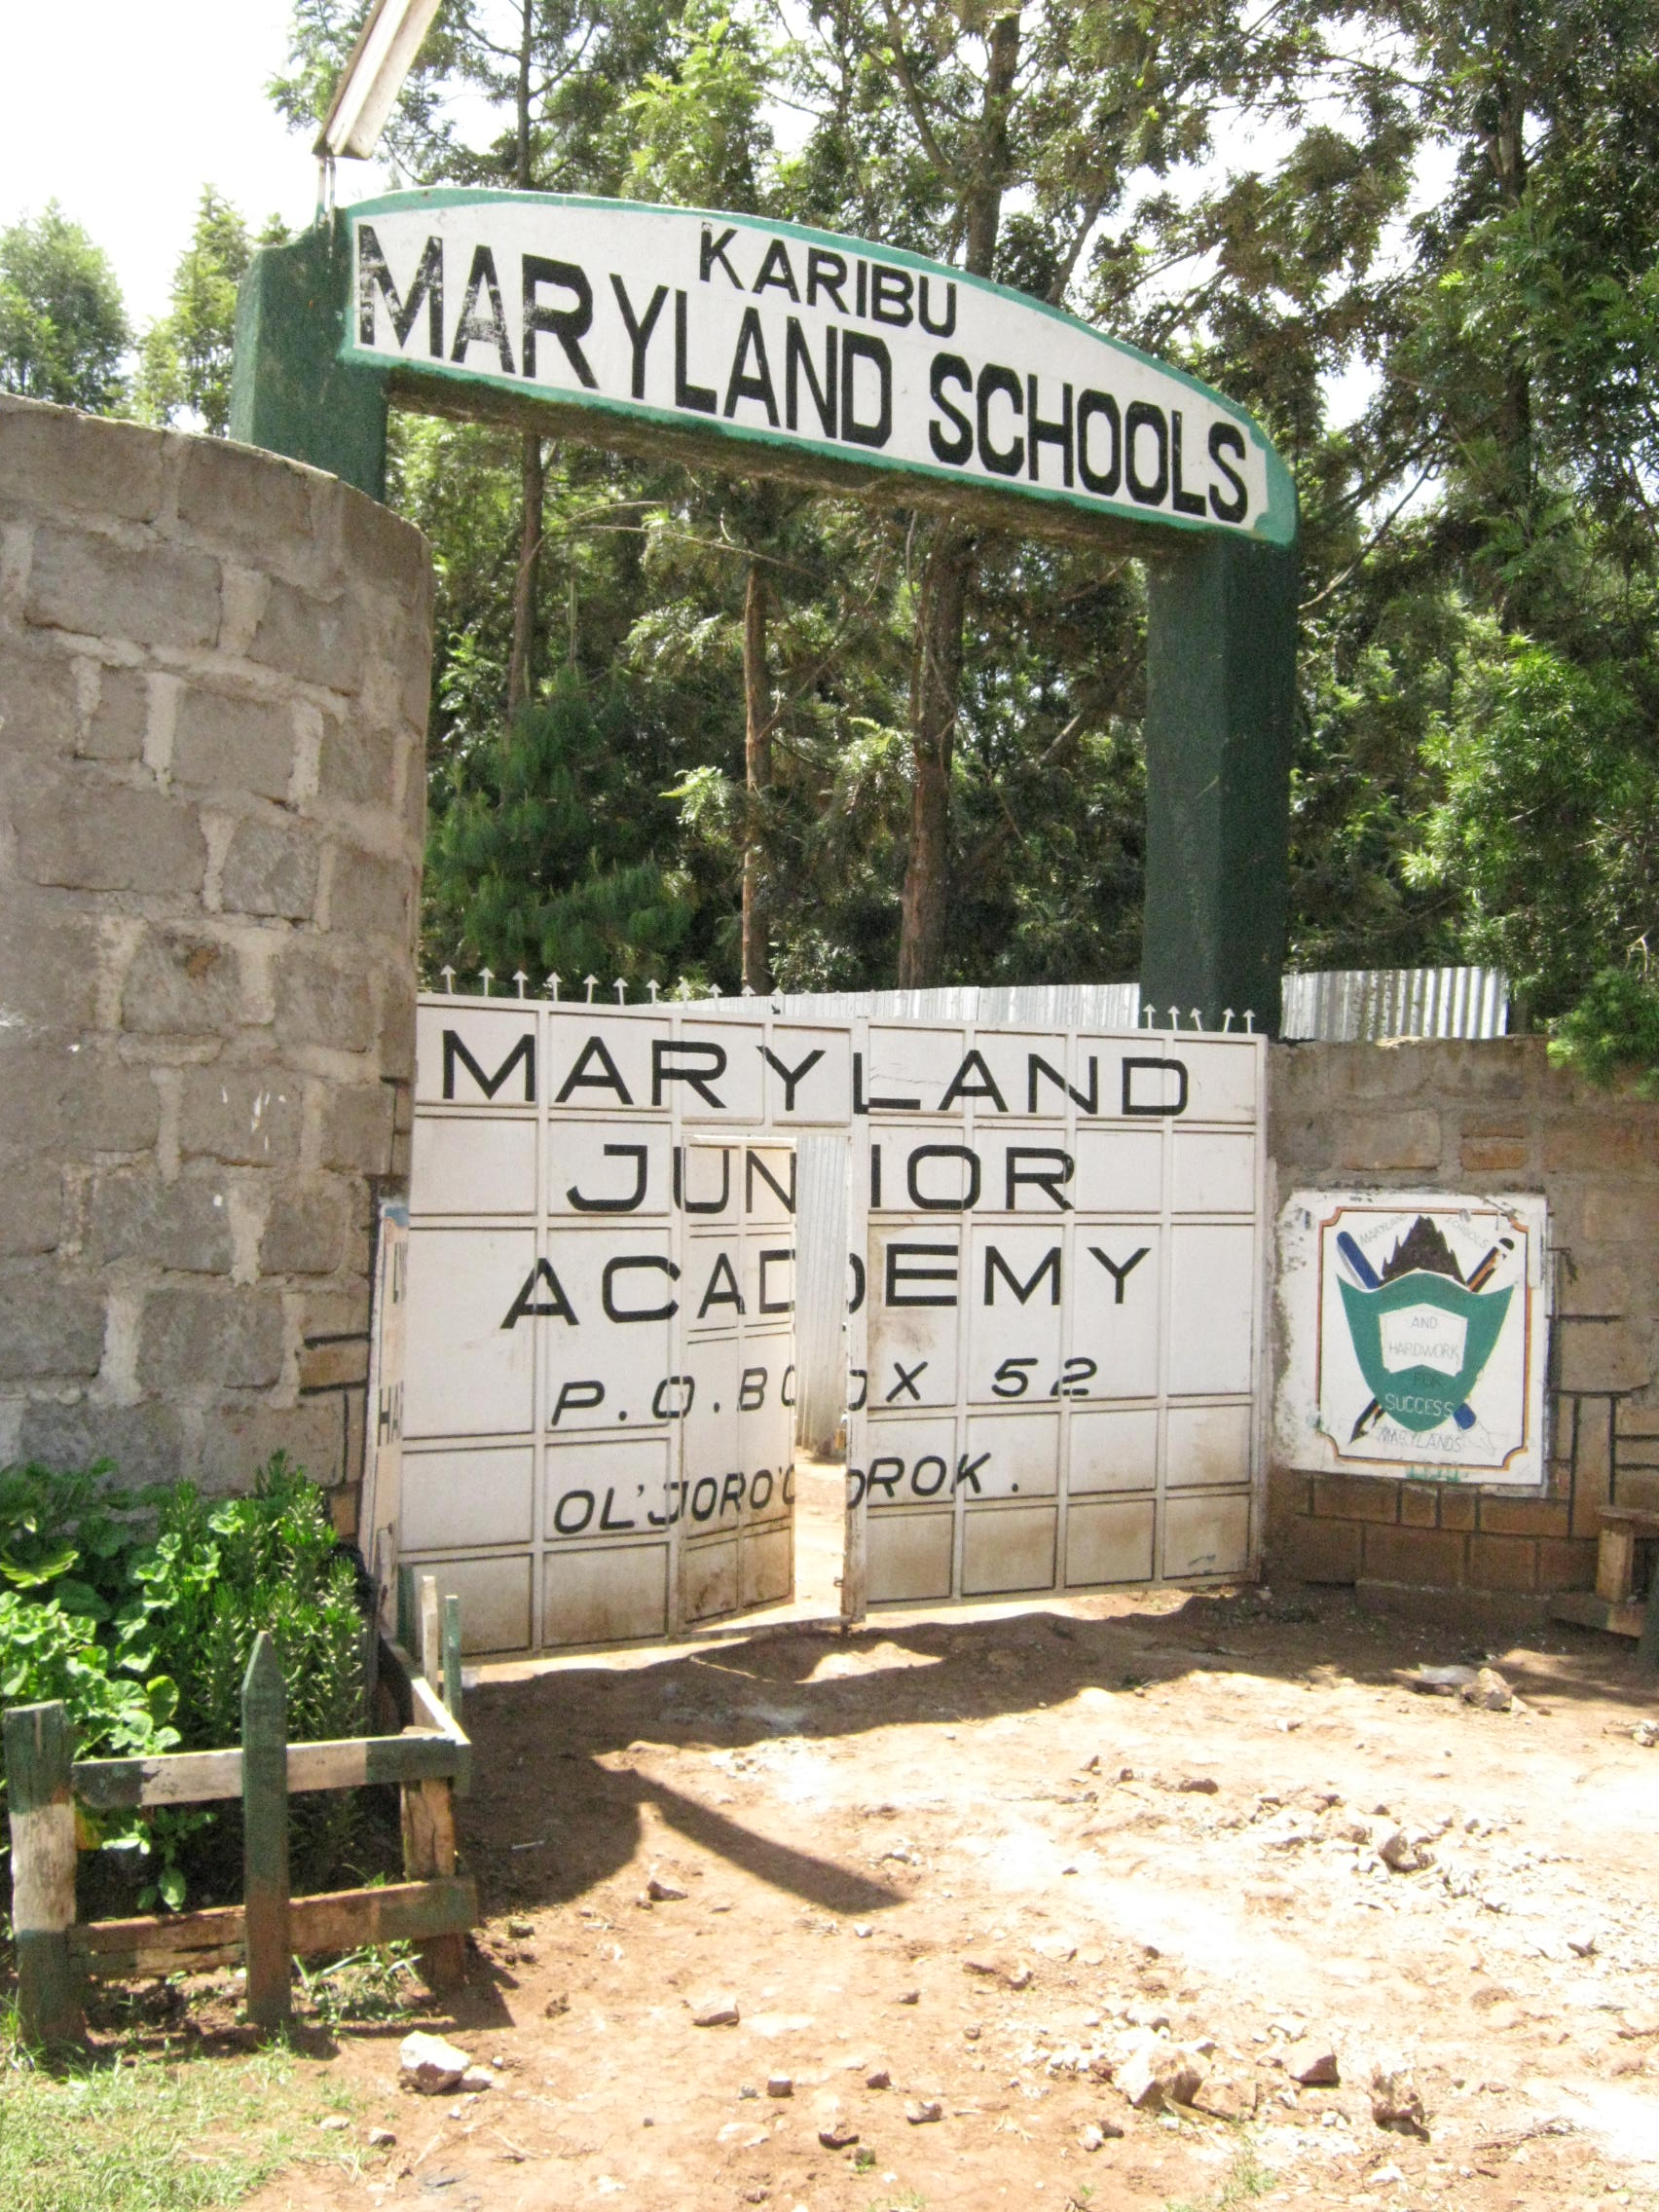 Maryland Academy